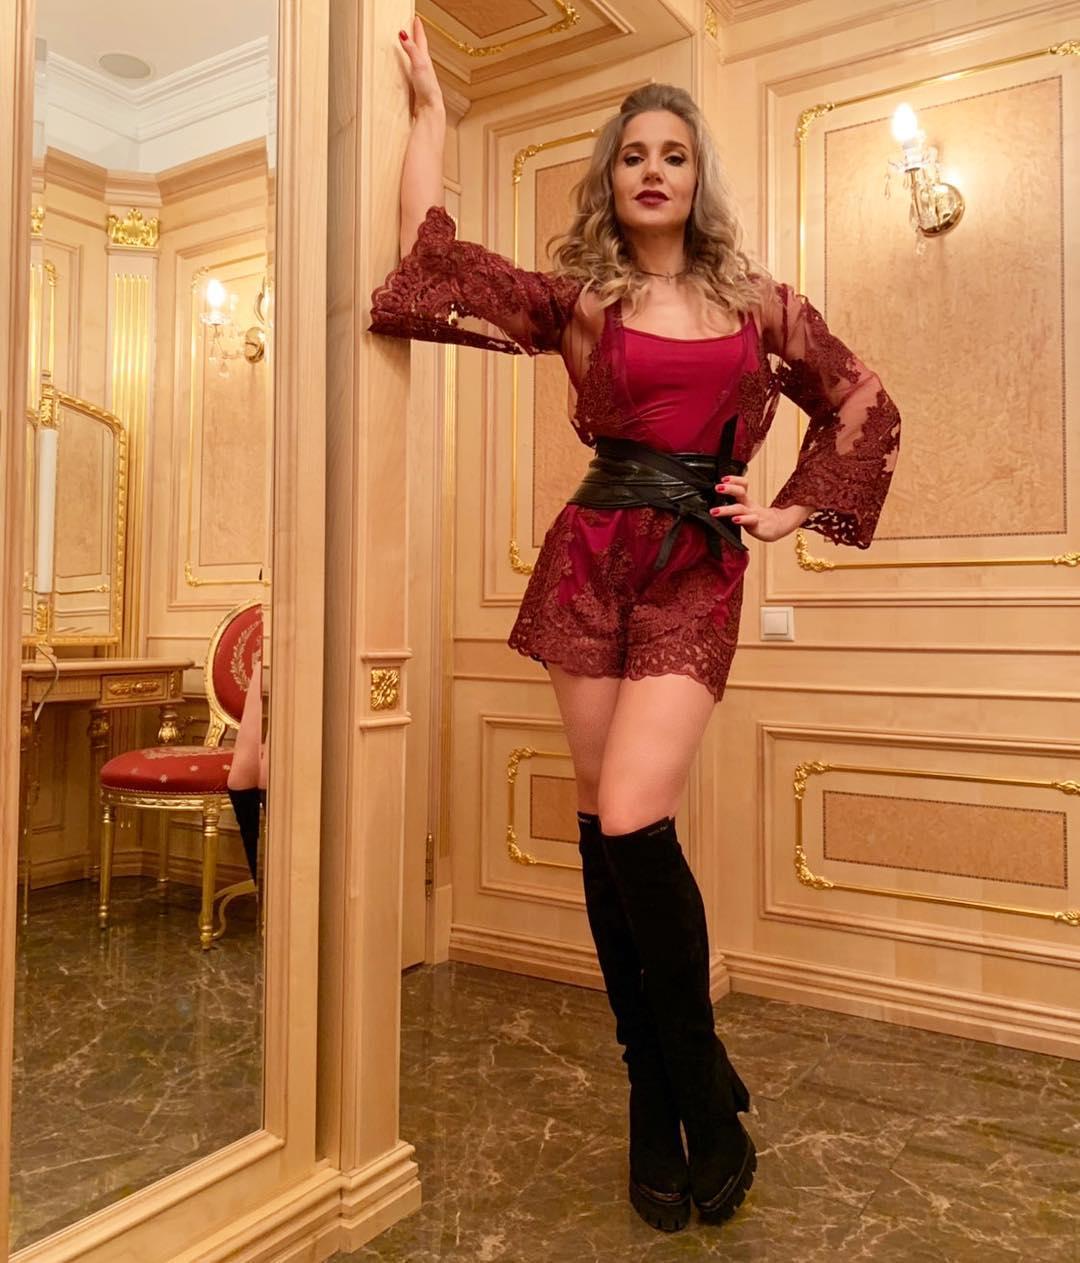 Юлия Ковальчук: Хороший вечер для хорошего праздника и концерта))) @muztv с Днем рождения)!! Музыки вам самой чувственной, глубокой и неумирающей! Спасибо, что вы рядом #юлияковальчук #музтв #певица #сднемрождения #москва #кремль #концерт #толкнименя